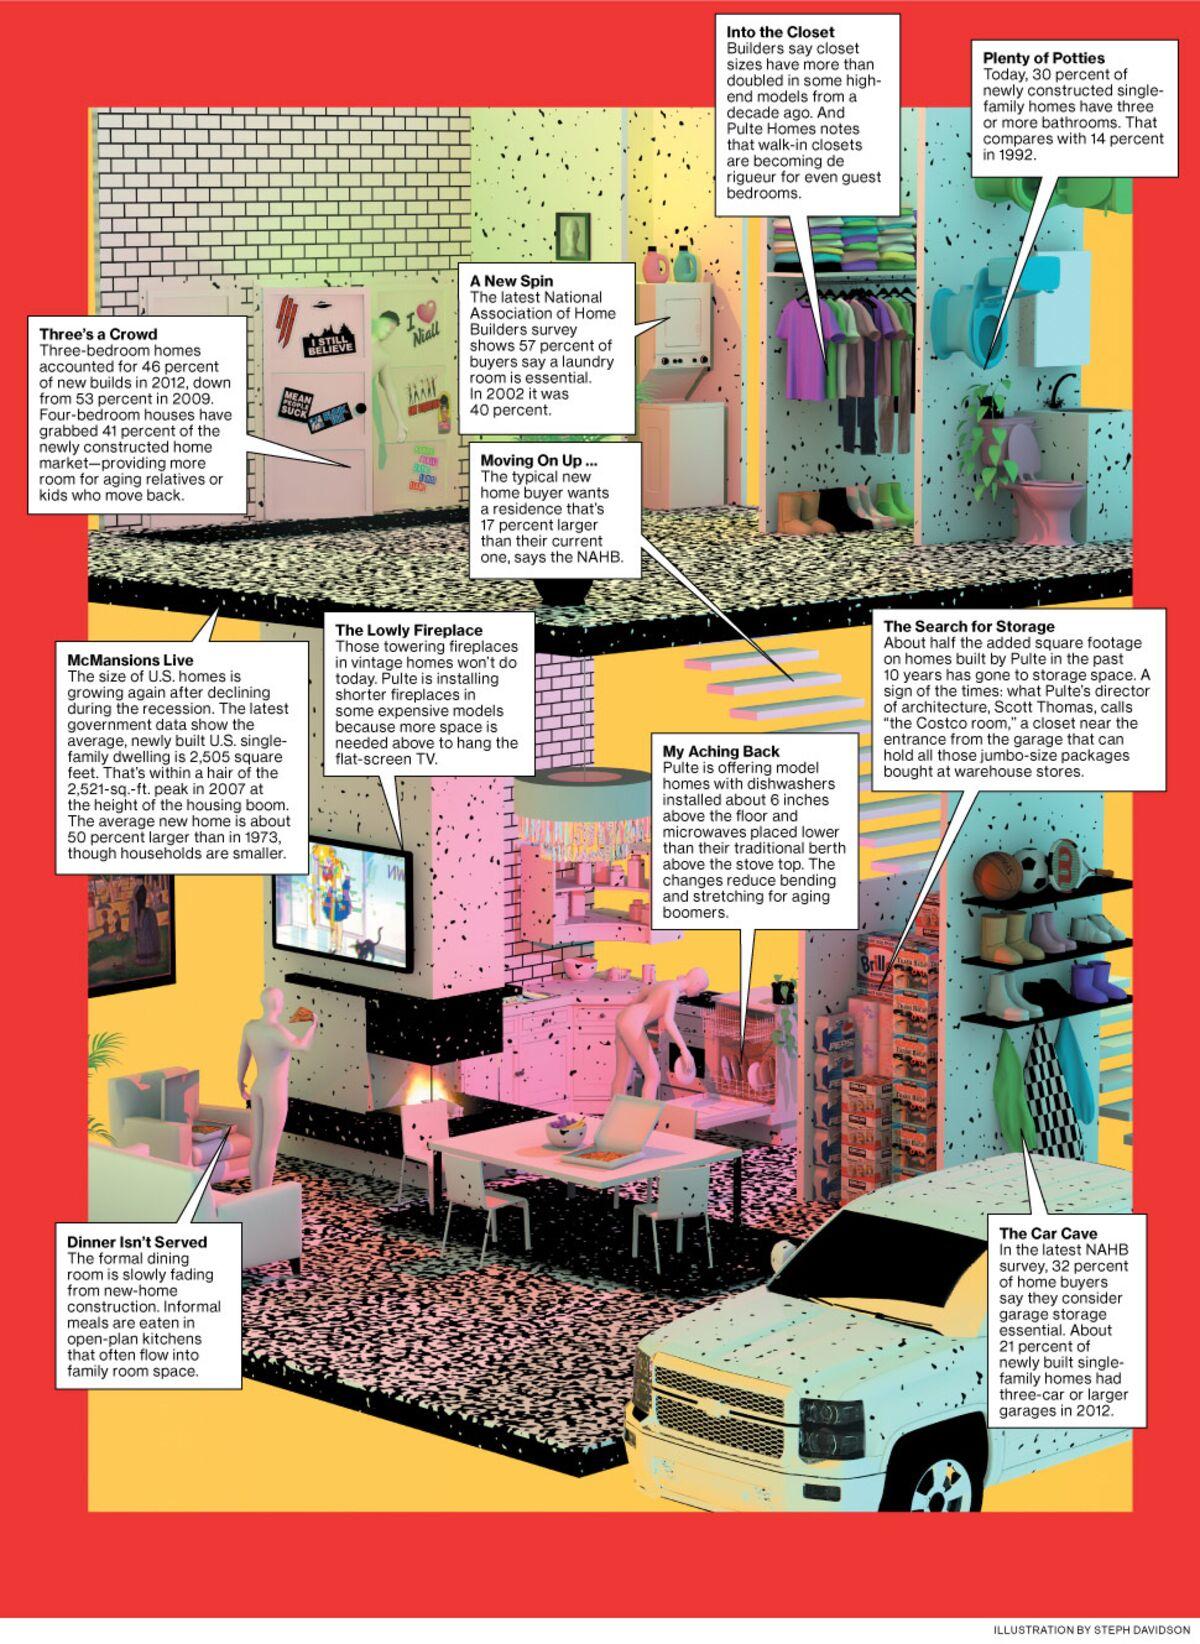 2014 outlook home design trends favor open floor plans storage